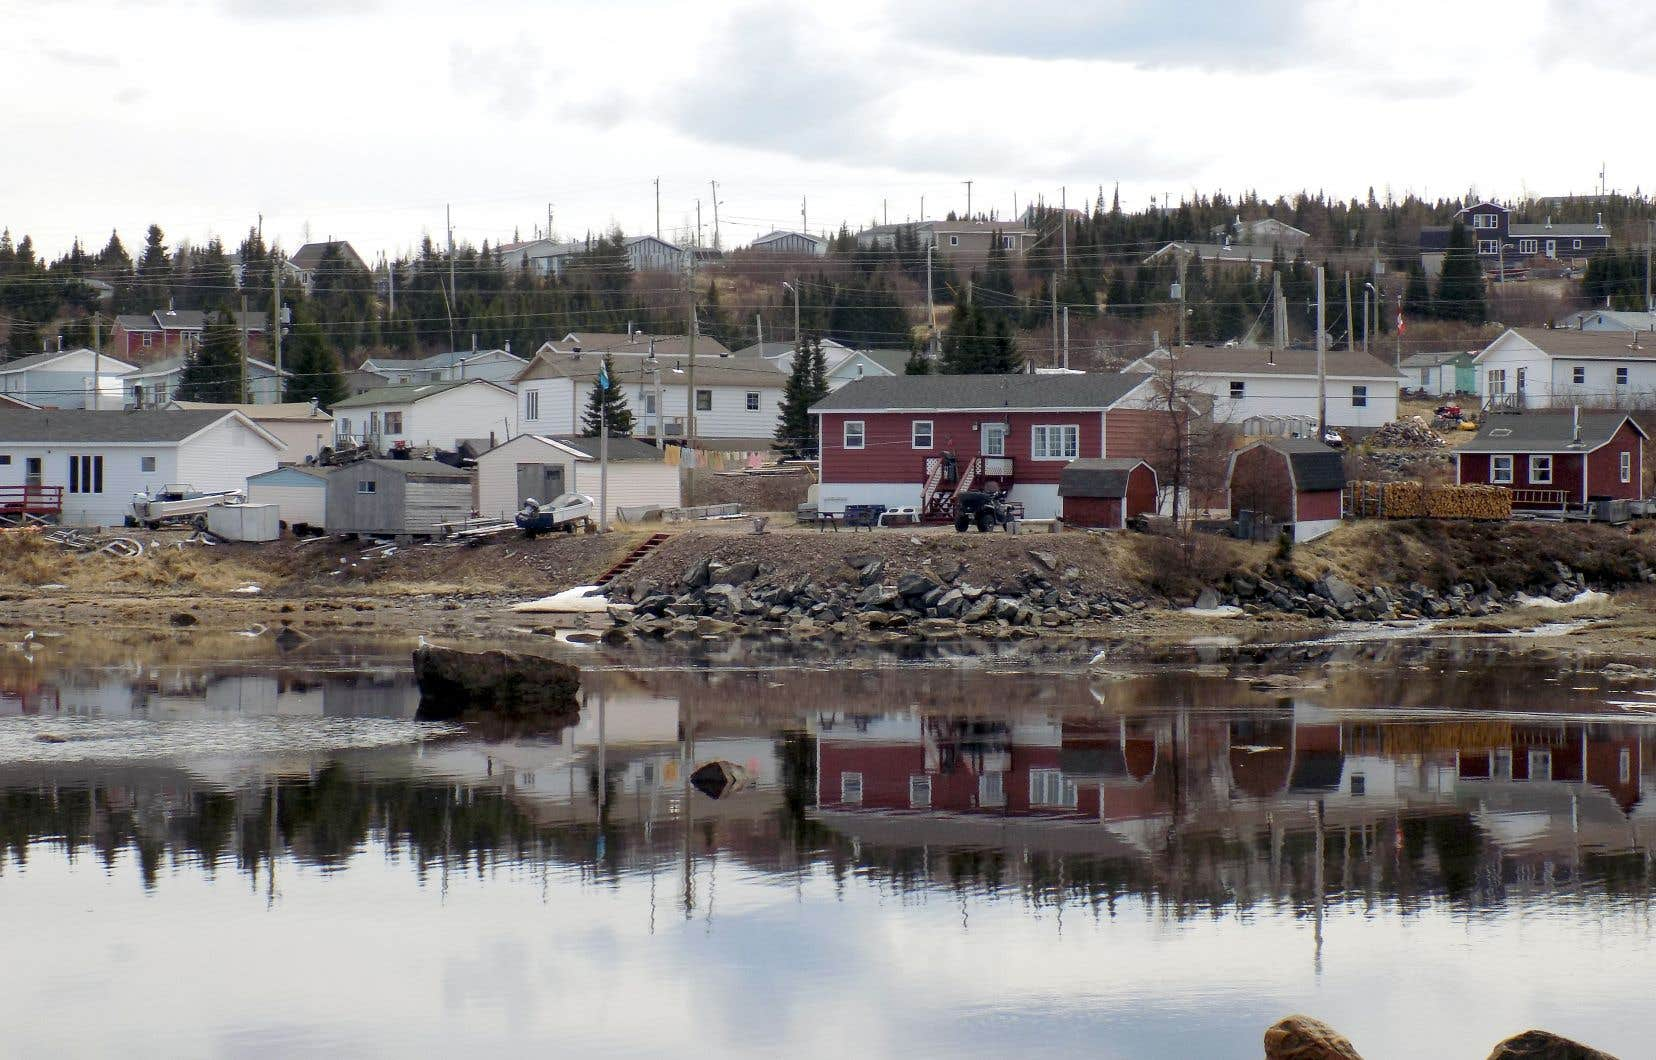 Vue de l'eau de la communauté côtière deRigolet